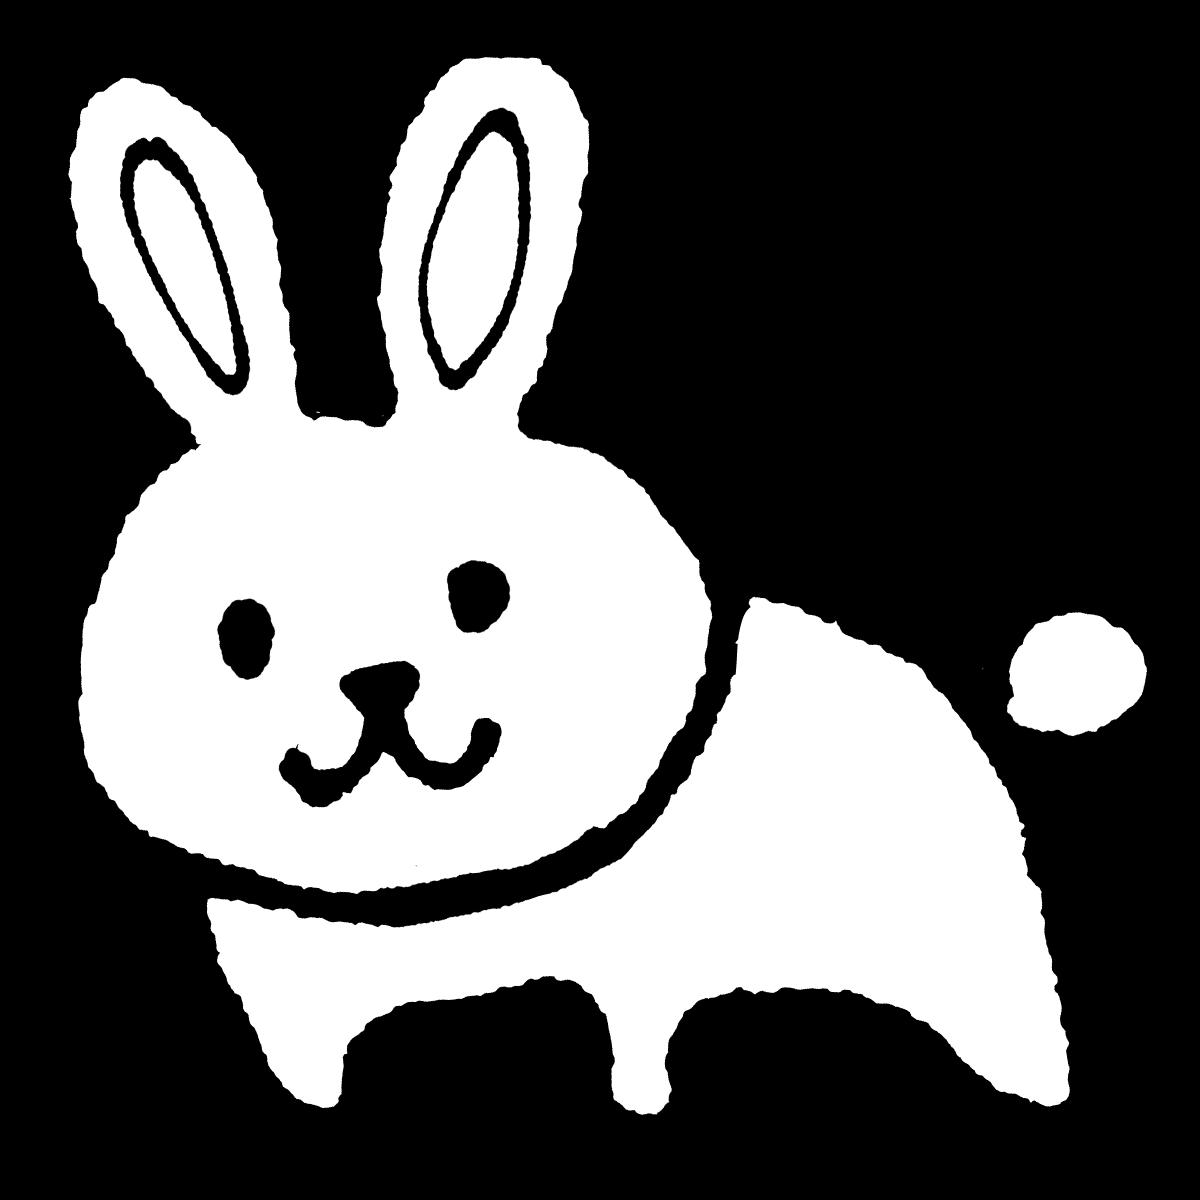 立つウサギのイラスト / Standing rabbit Illustration